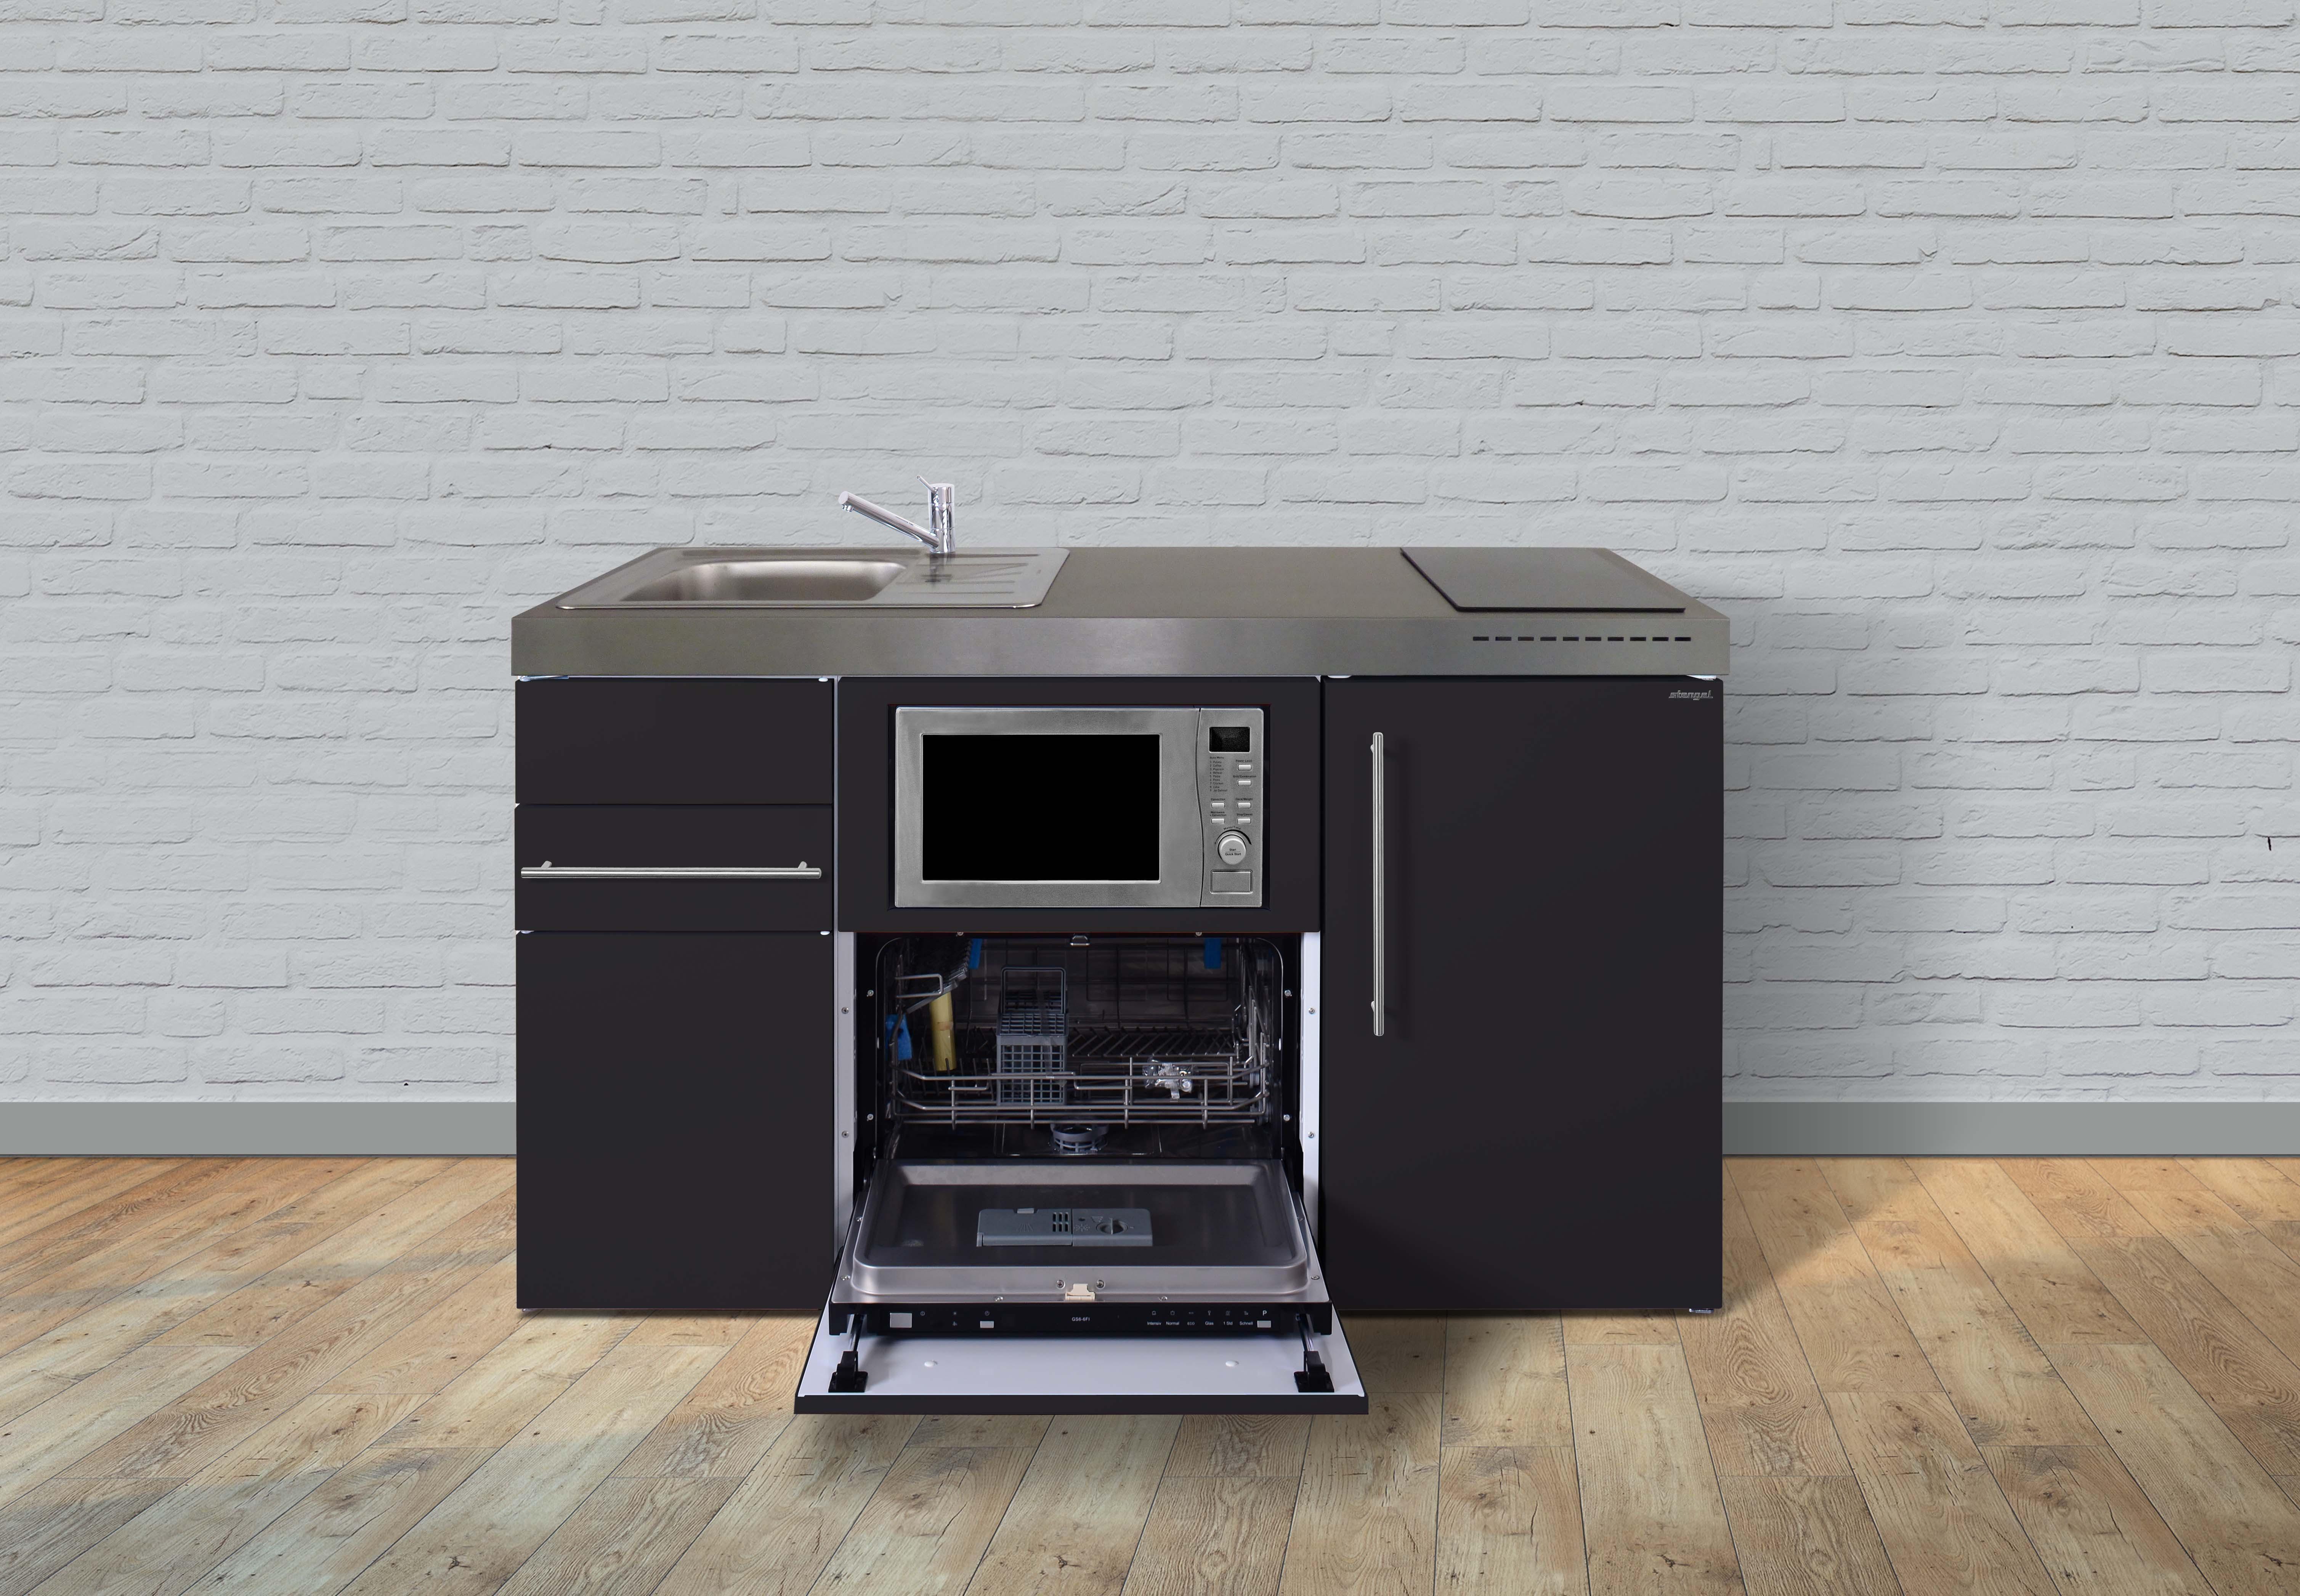 Miniküche Mit Kühlschrank Und Mikrowelle : Stengel metall miniküche premiumline mpgsm kühlschrank